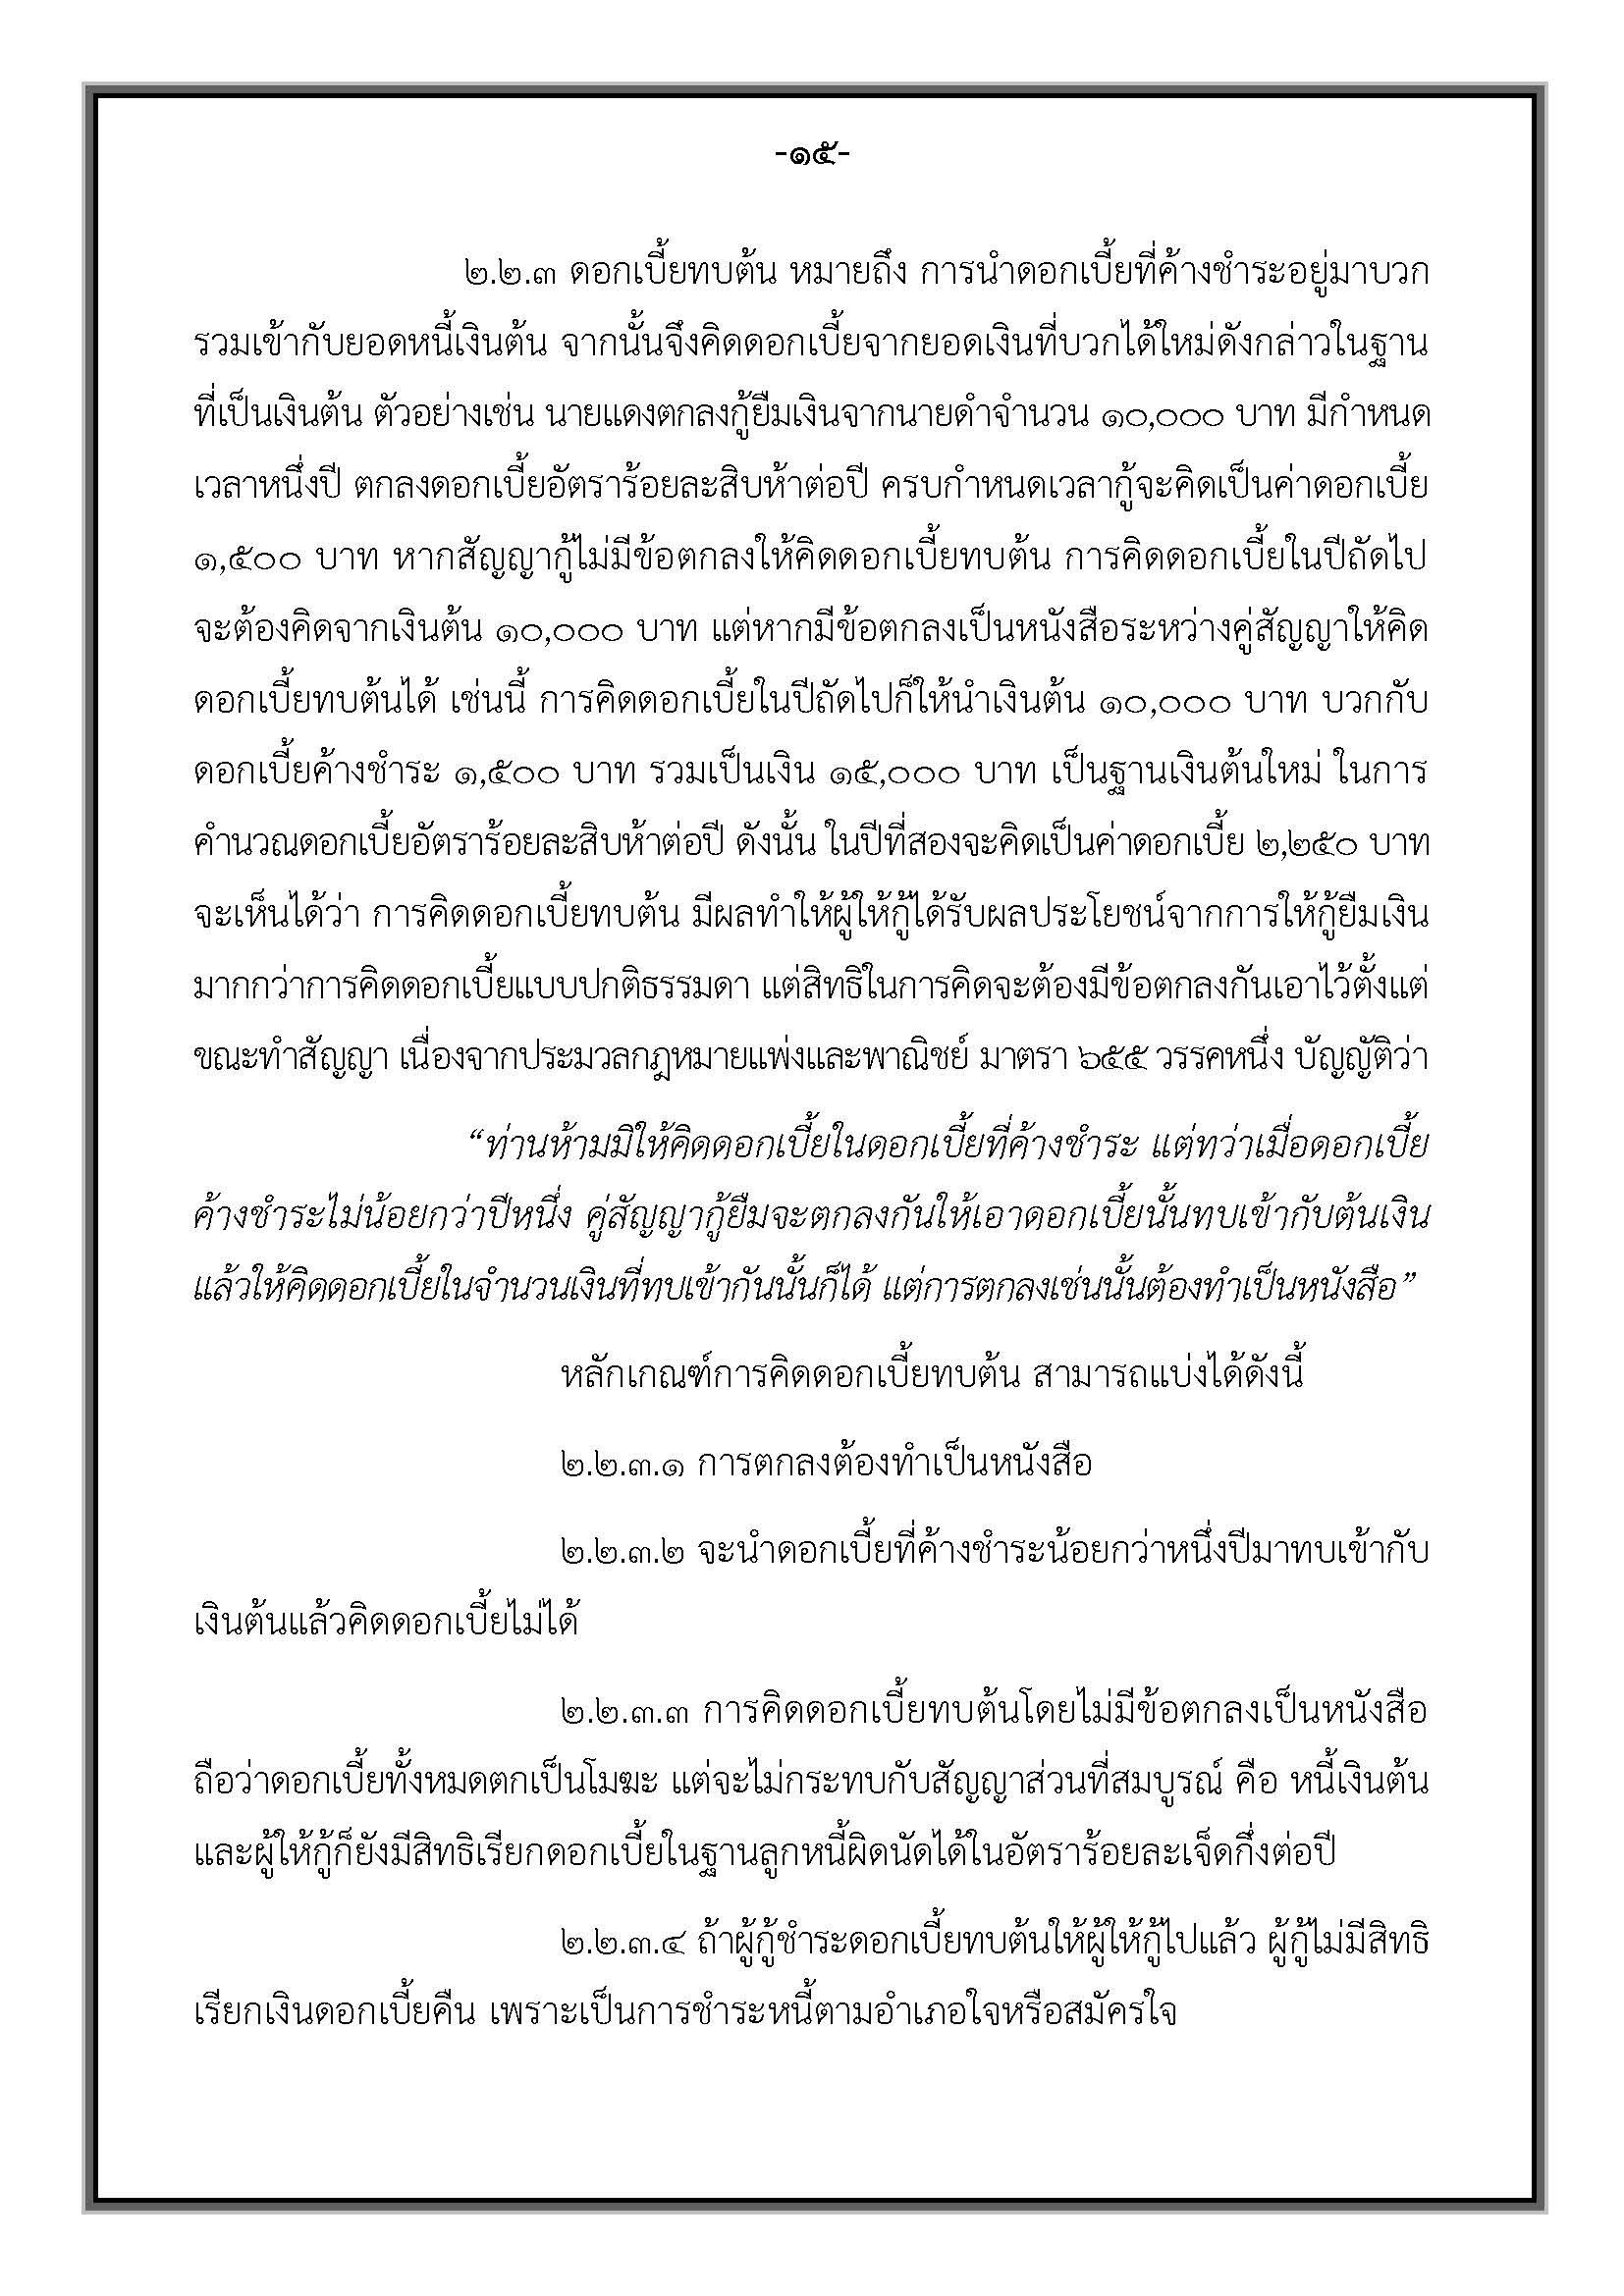 คำแนะนำ-สัญญากู้ยืมเงิน_Page_19